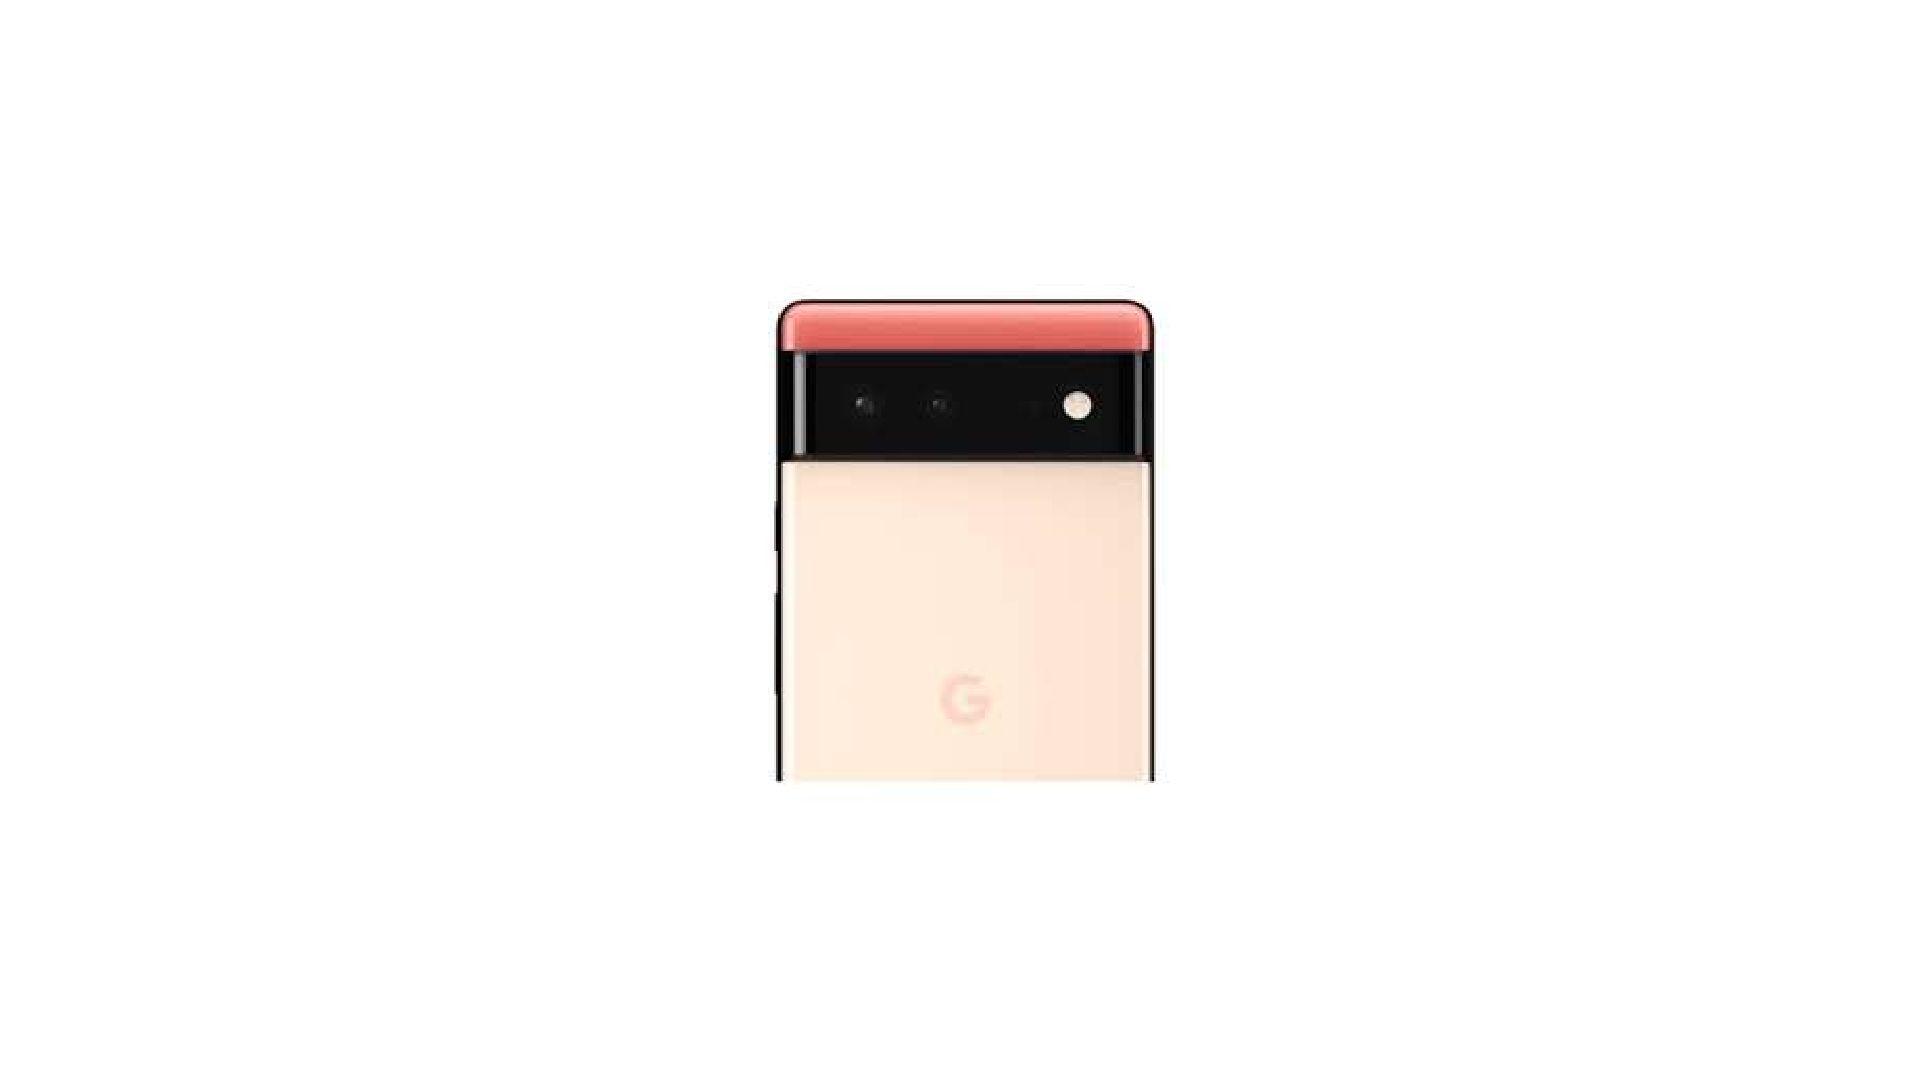 Traseira do Google Pixel 6 rosa em fundo branco